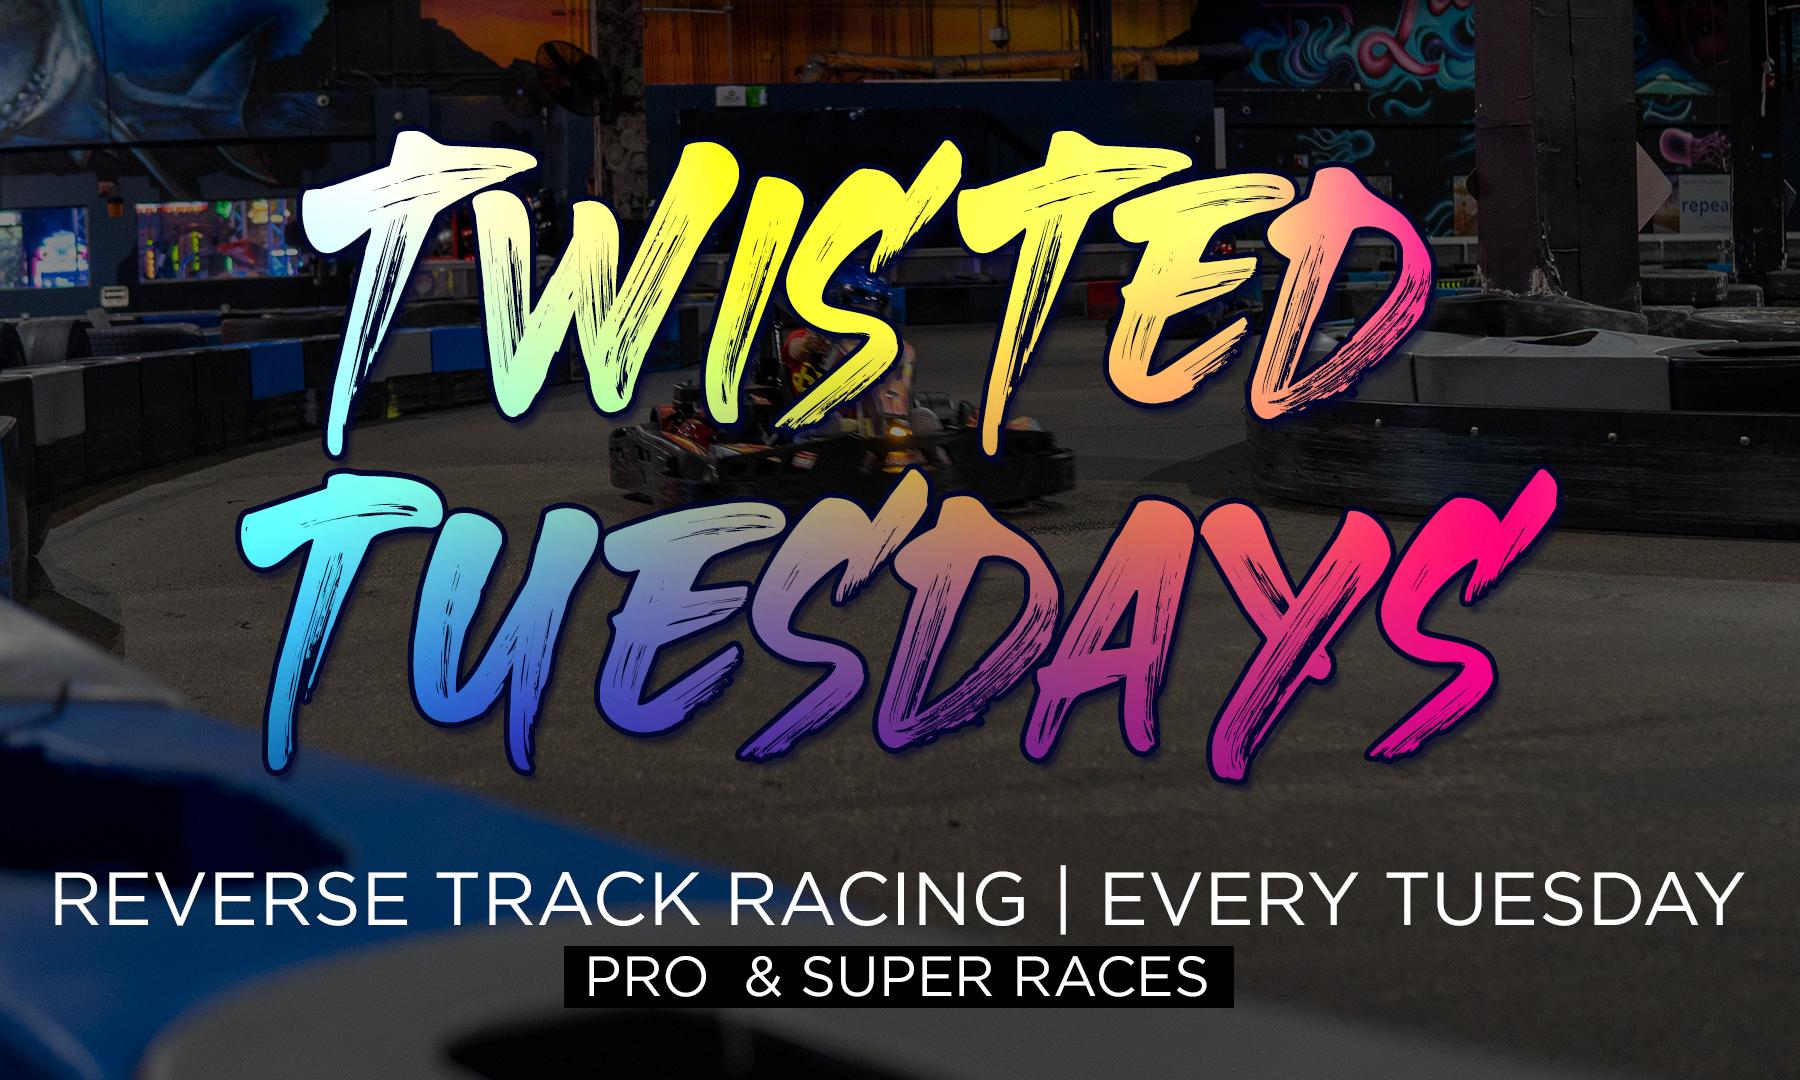 Twisted Tuesdays